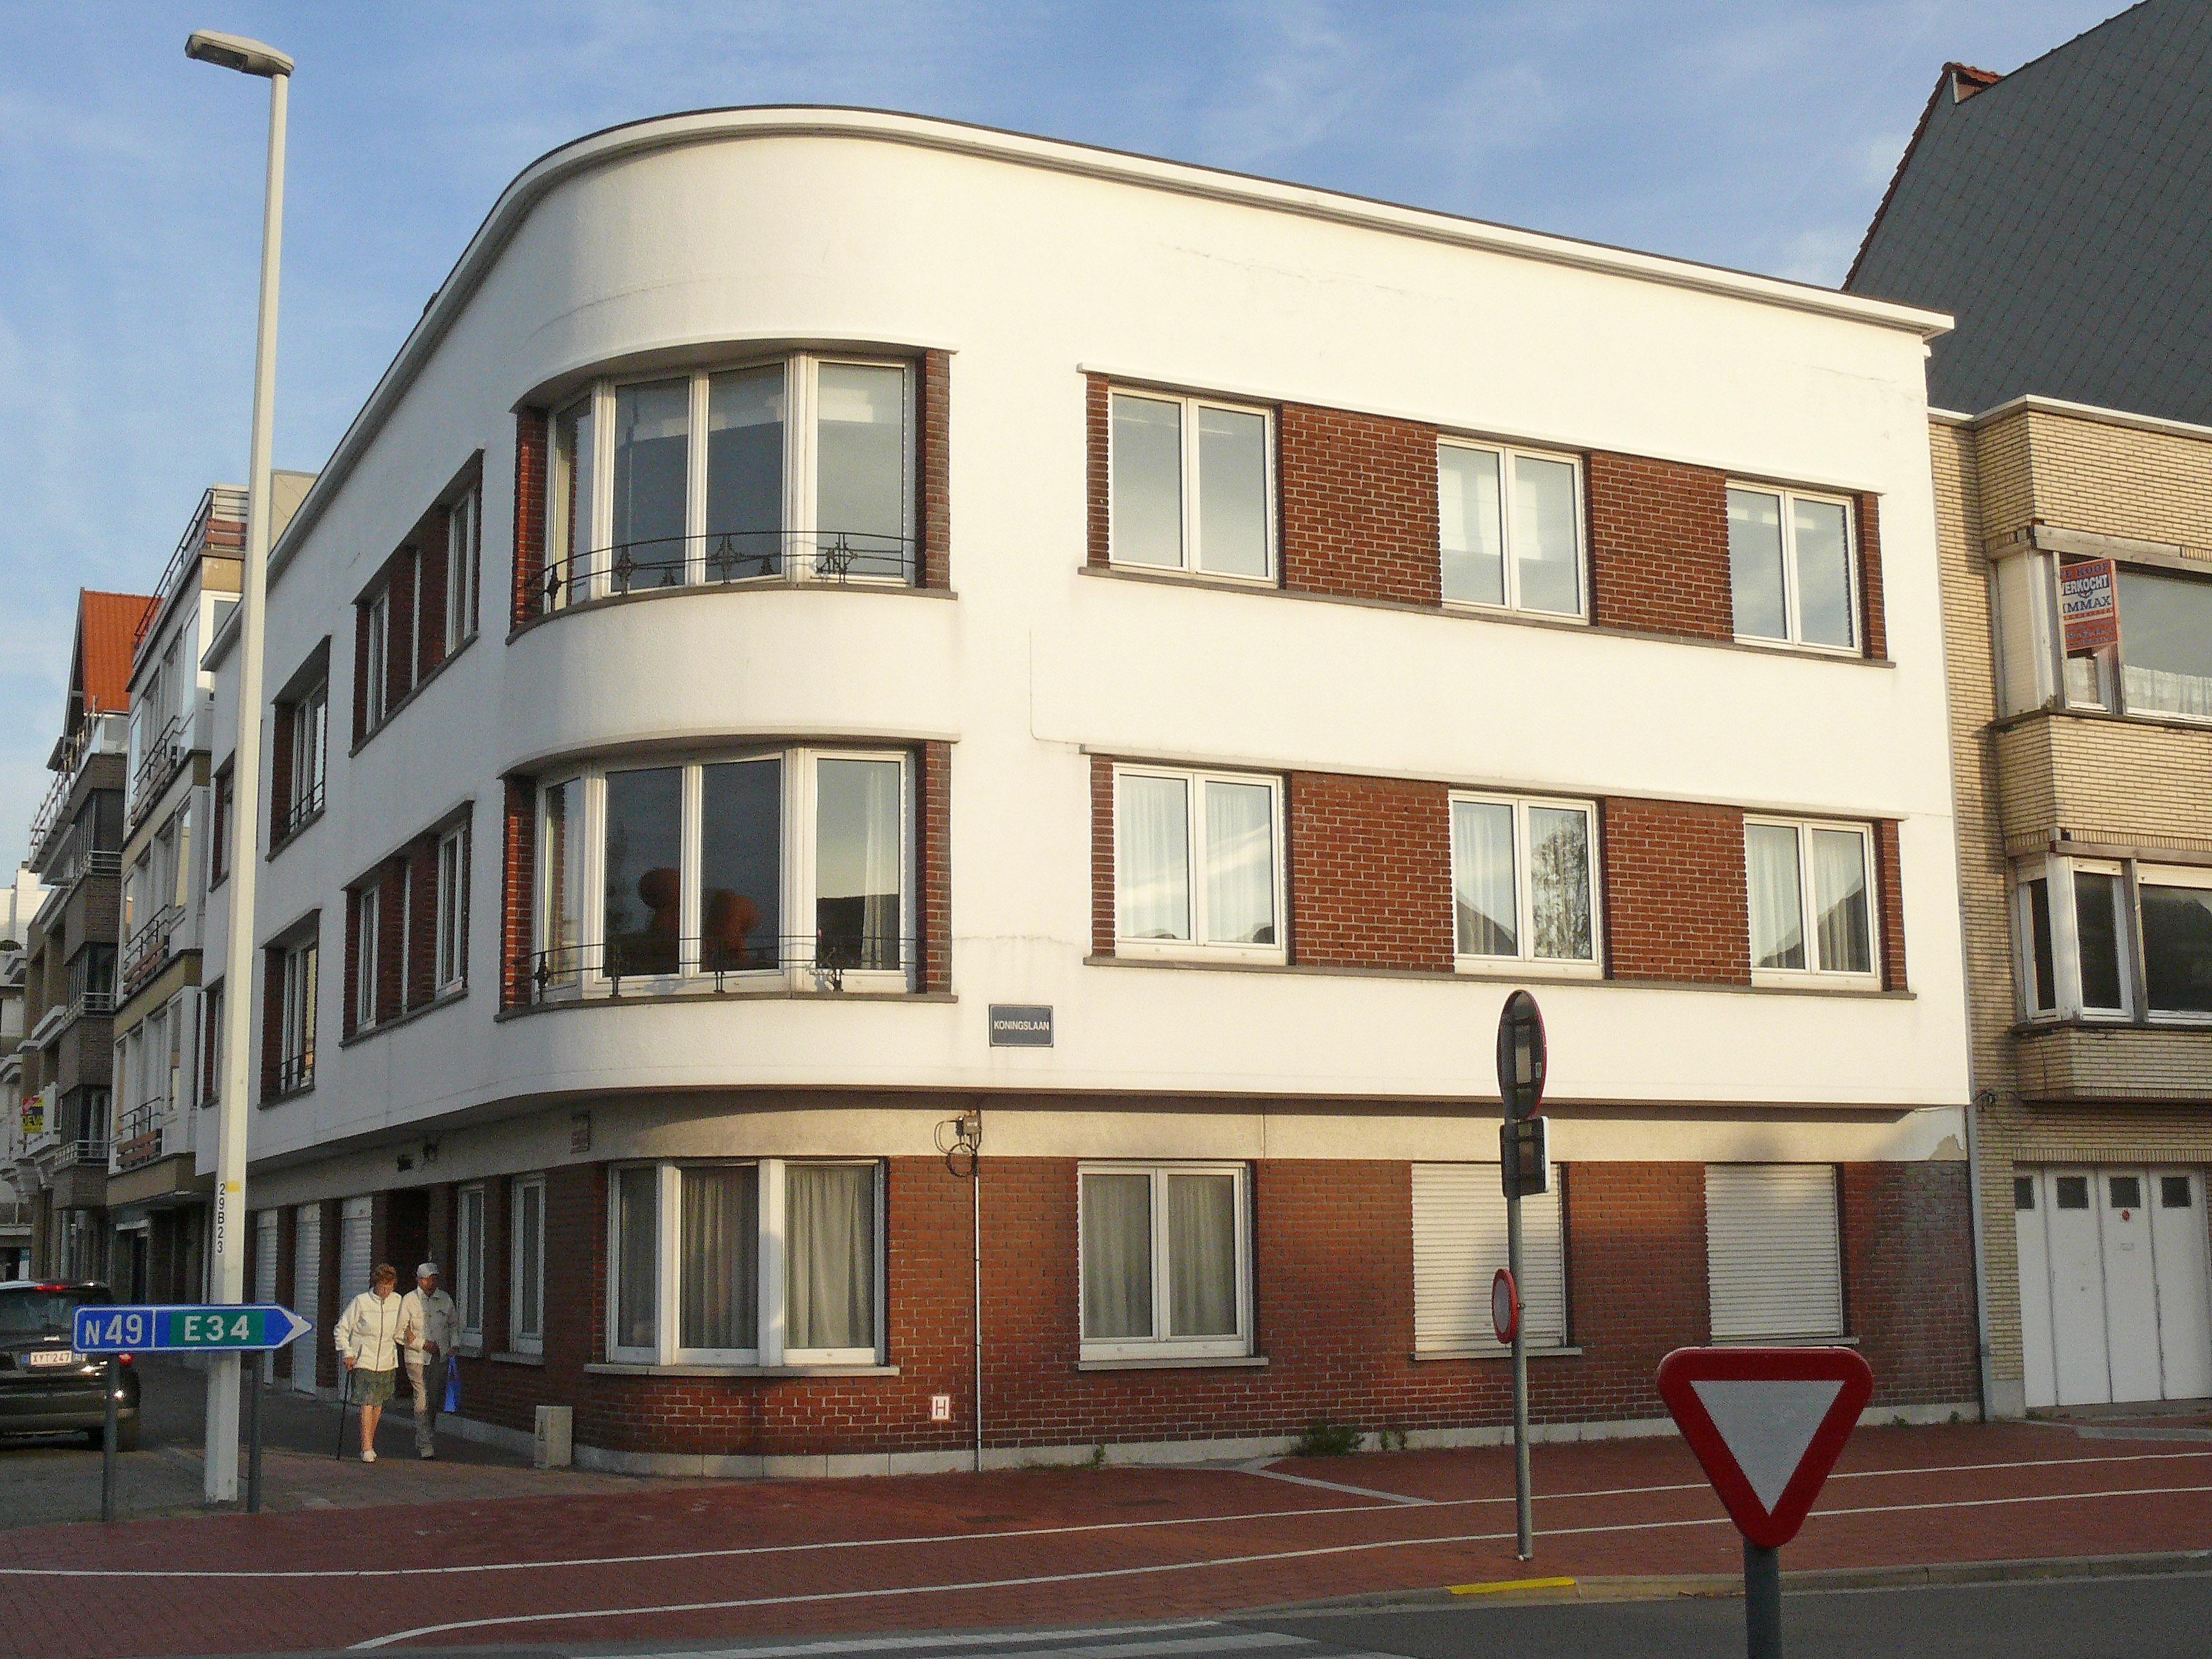 Ofbeeldienge belle rive hoekappartementsgebouw for Bell rive